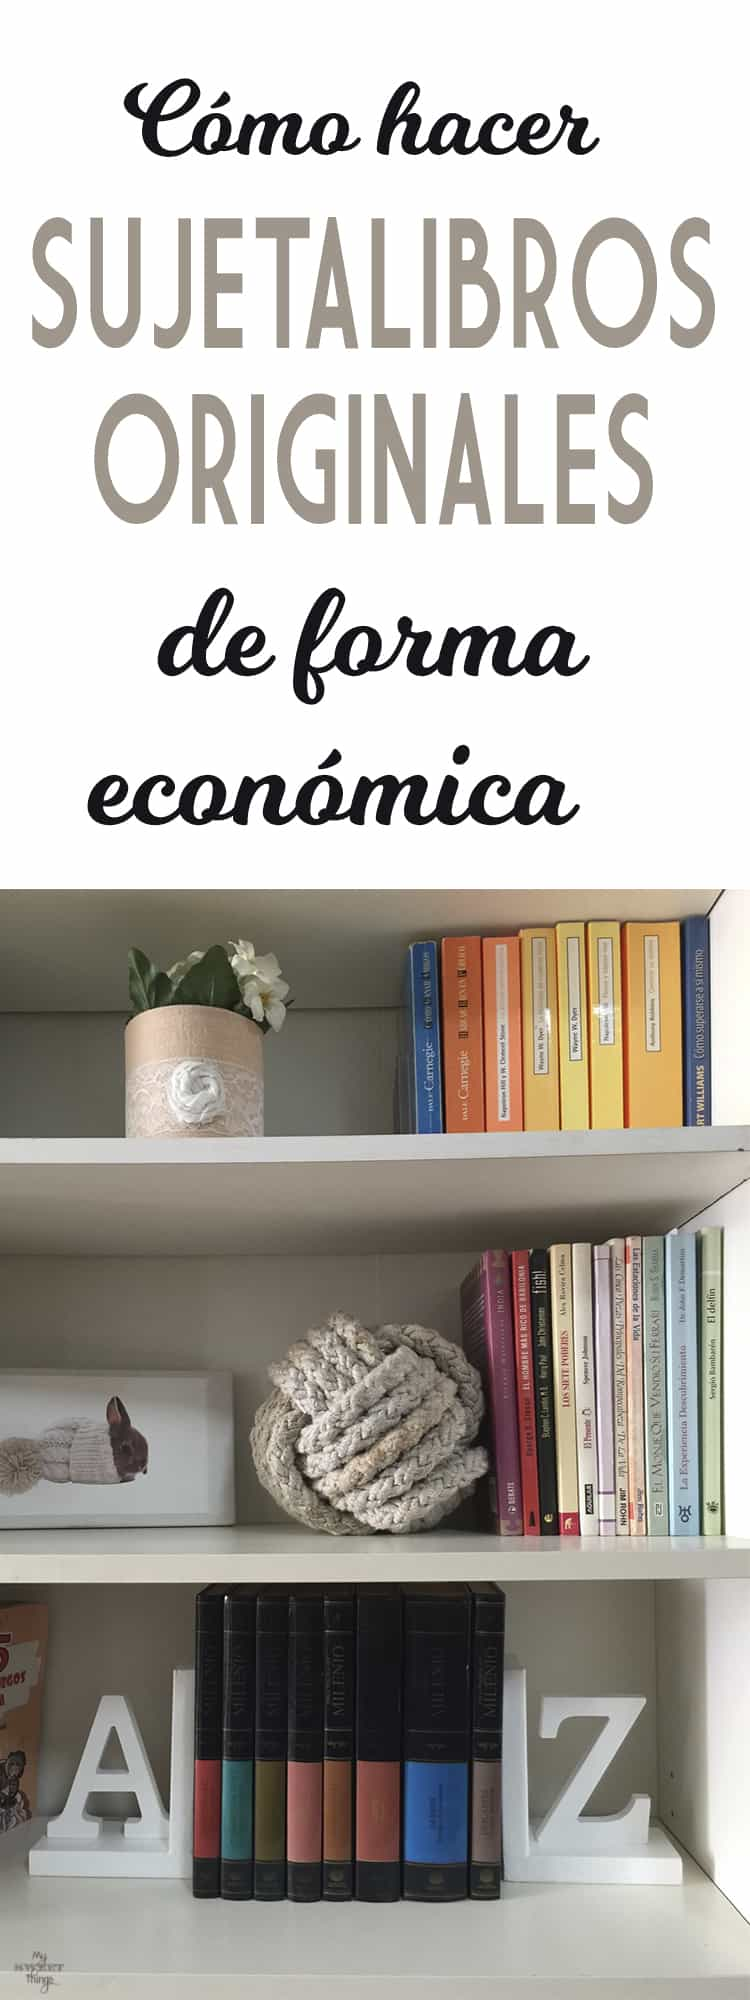 Como hacer sujetalibros originales de forma económica · Via www.sweethings.net